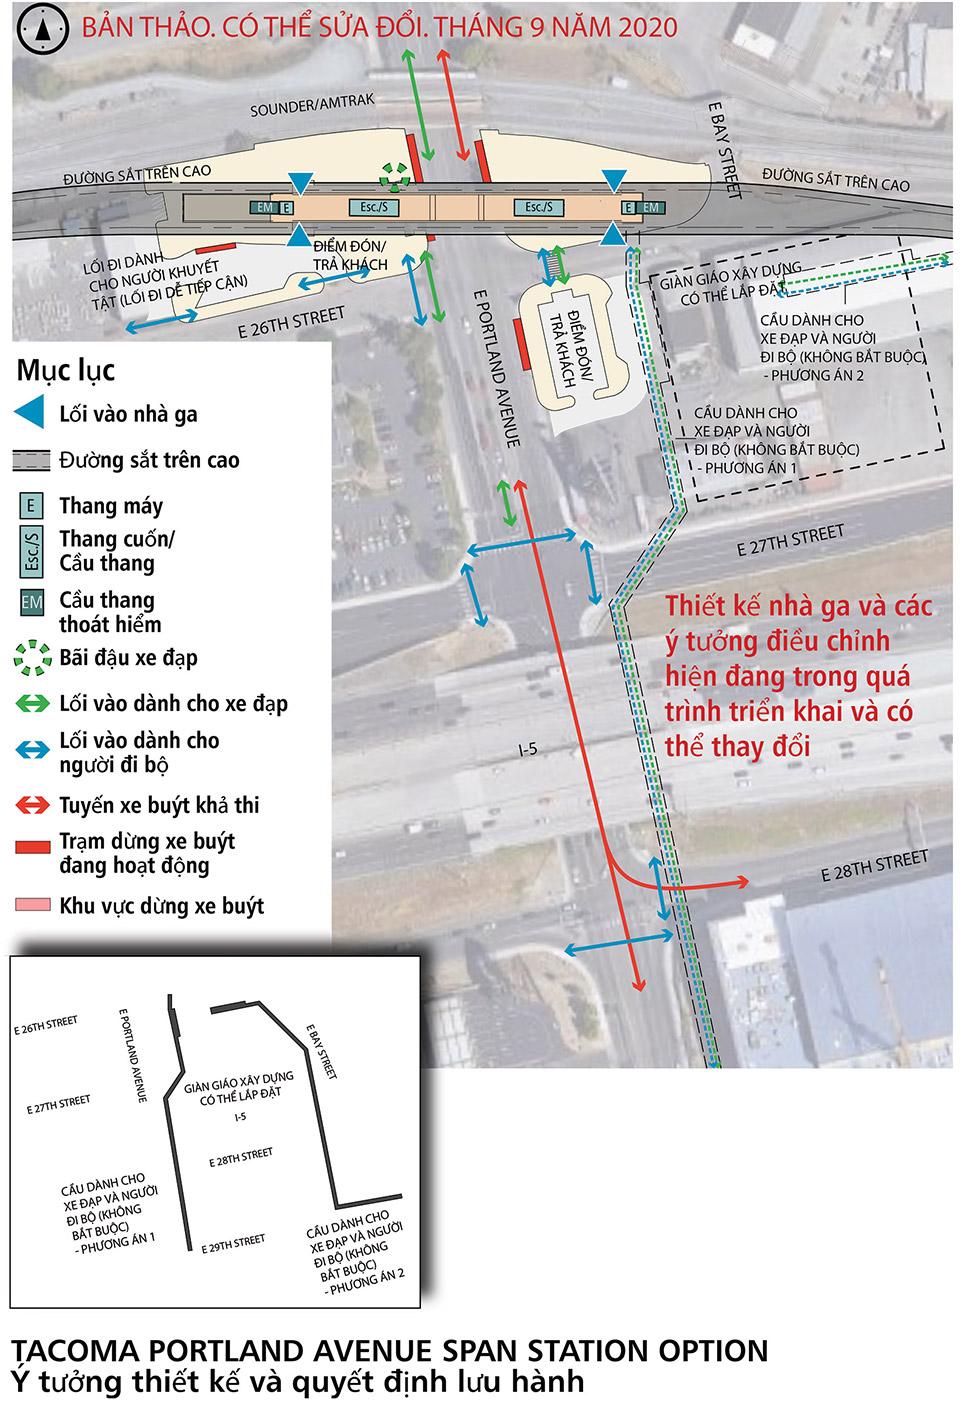 Bản đồ nhà ga thay thế tùy chọn mở rộng Portland Avenue. Nhà ga này sẽ có điểm dừng trên cao để tiếp cận đường sắt hạng nhẹ khi vào nhà ga. Chỗ để và đỗ xe đạp nằm tại sân nhà ga có thang máy, thang cuốn và cầu thang bộ trải khắp nhà ga.  Các điểm dừng xe buýt hoạt động nằm xung quanh nhà ga. Hai khu vực đón/trả khách nằm liền kề với nhà ga: một khu vực nằm ở phía Tây và một khu vực nằm ở phía Đông Nam của nhà ga. Nhấp vào bản đồ để xem bản đồ PDF cỡ lớn nhất.